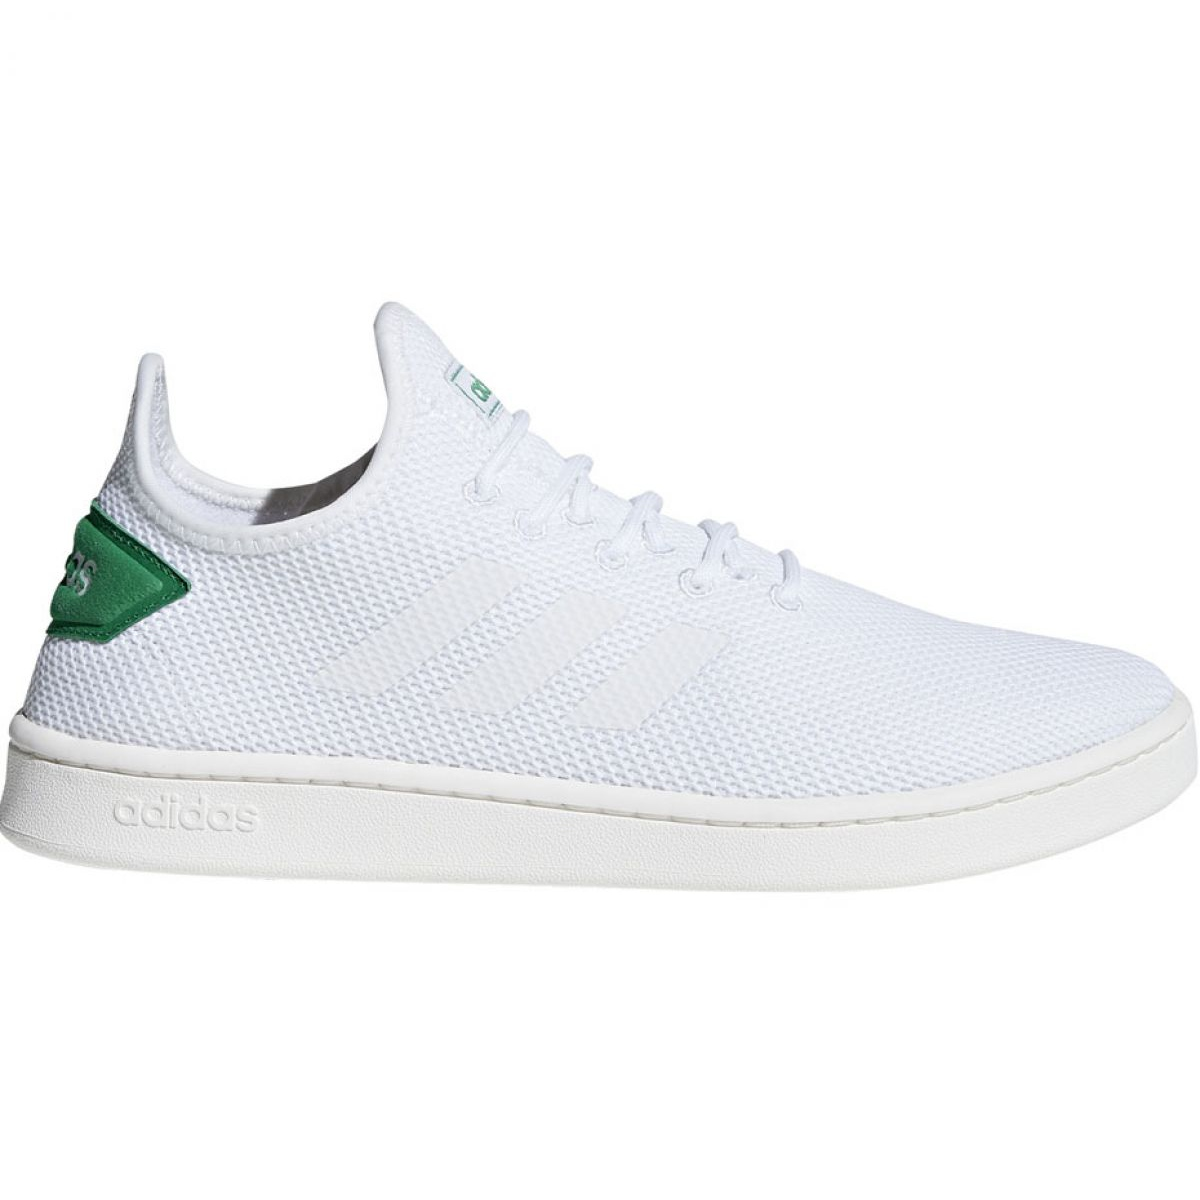 Details about Adidas Court Adapt M F36417 Schuhe weiß